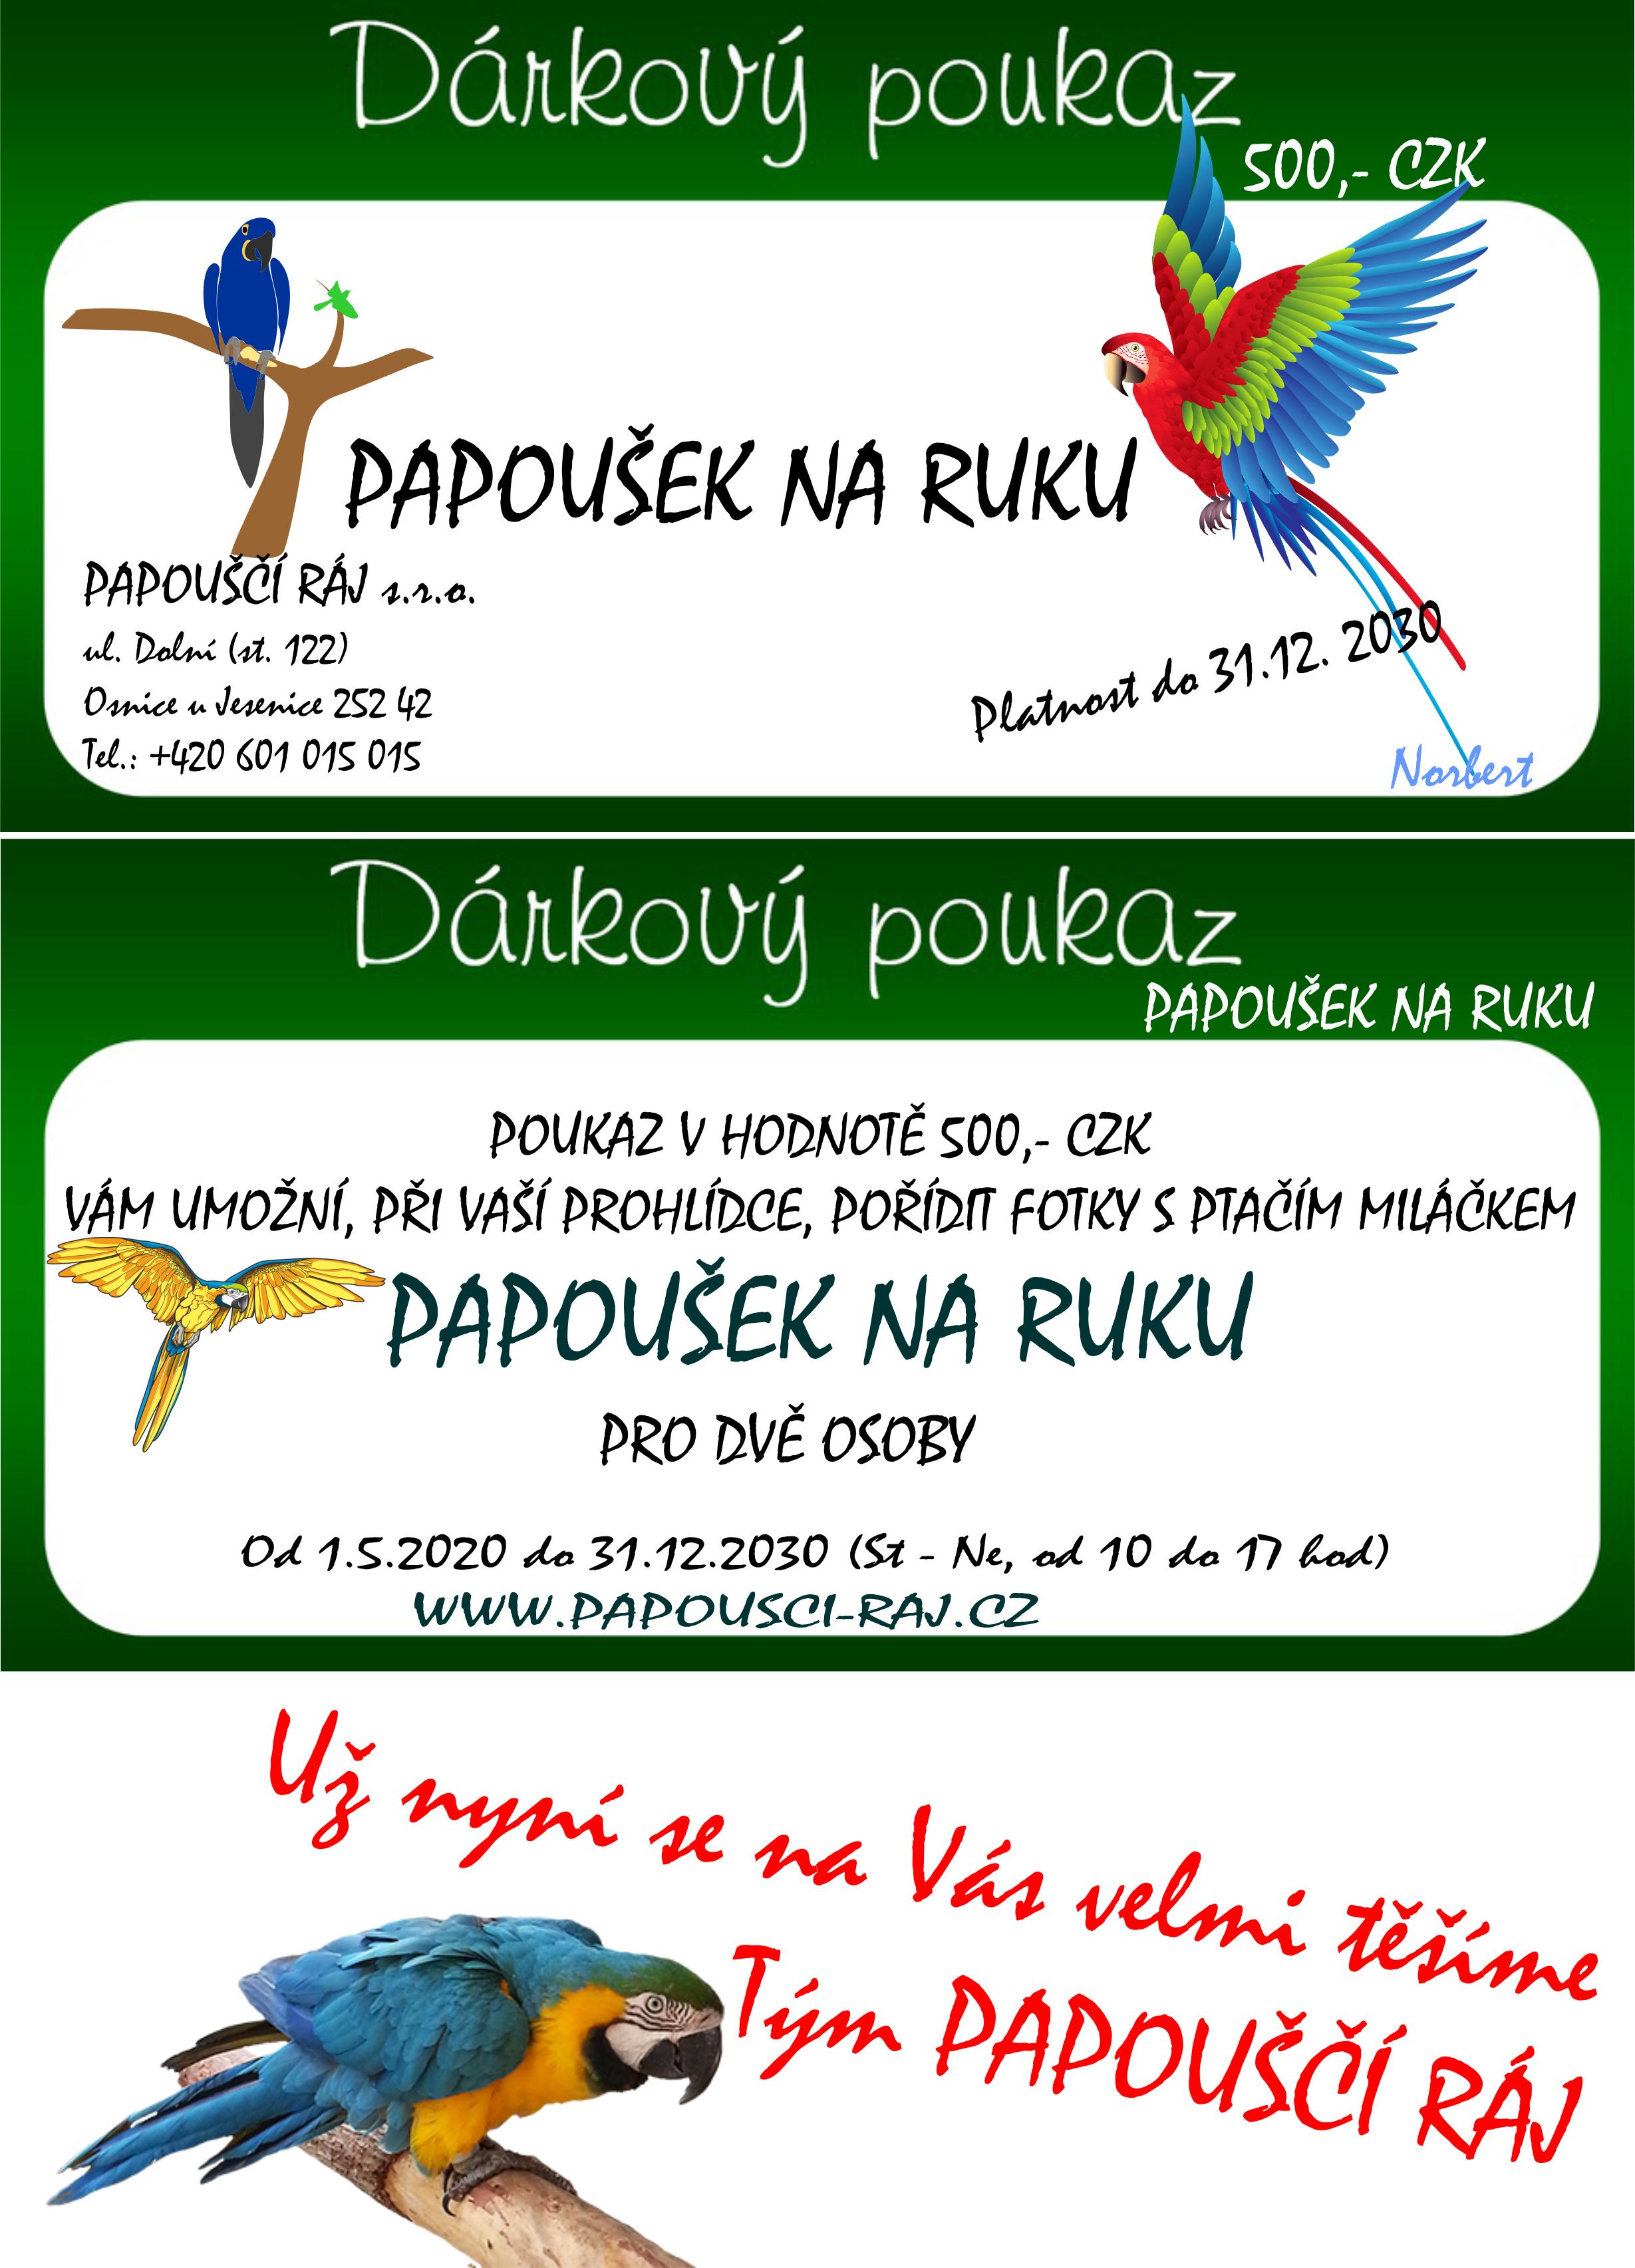 PAPOUSEK_NA_RUKU